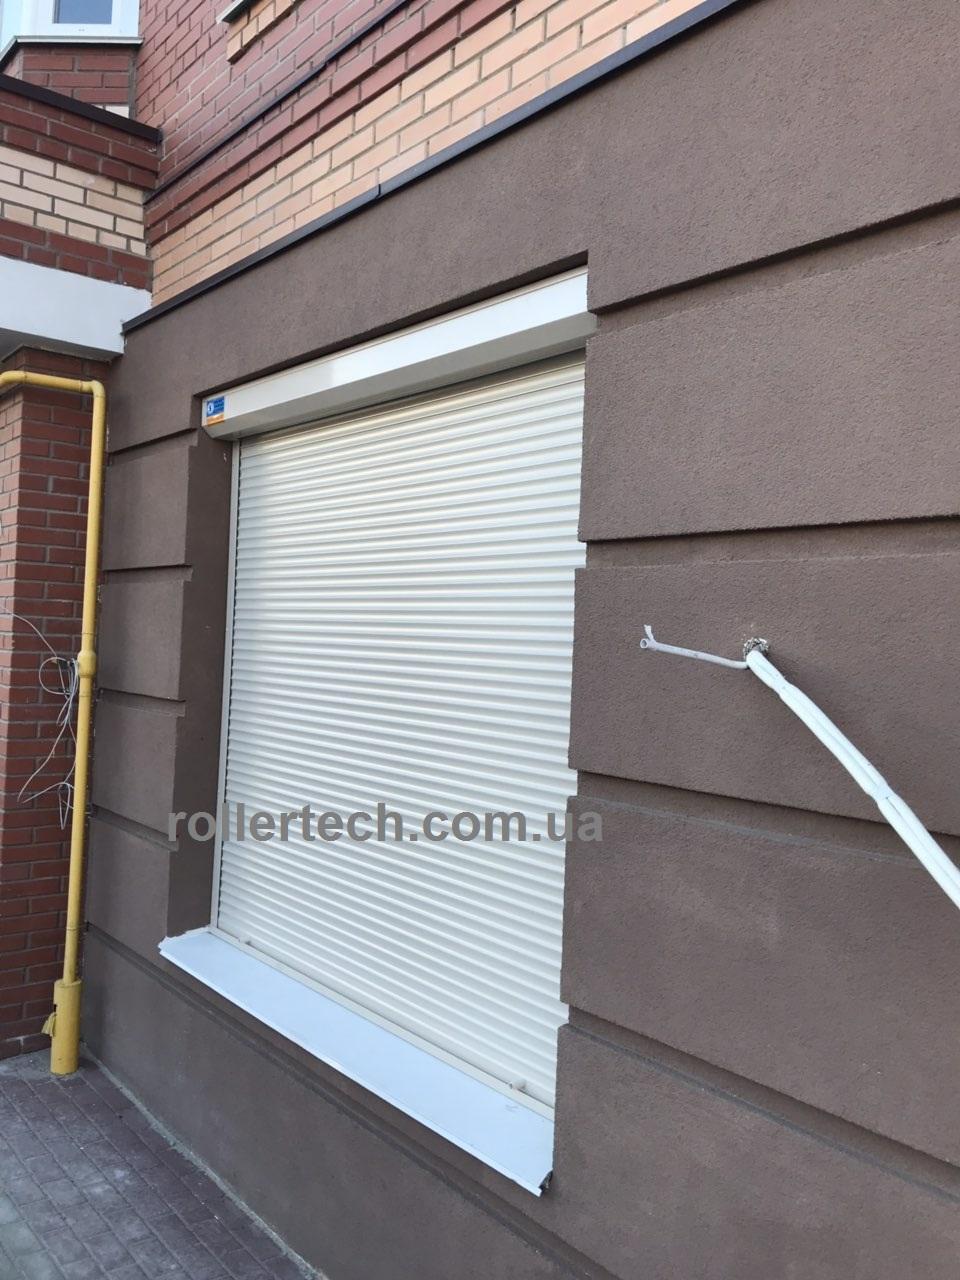 защитные ролеты на окно